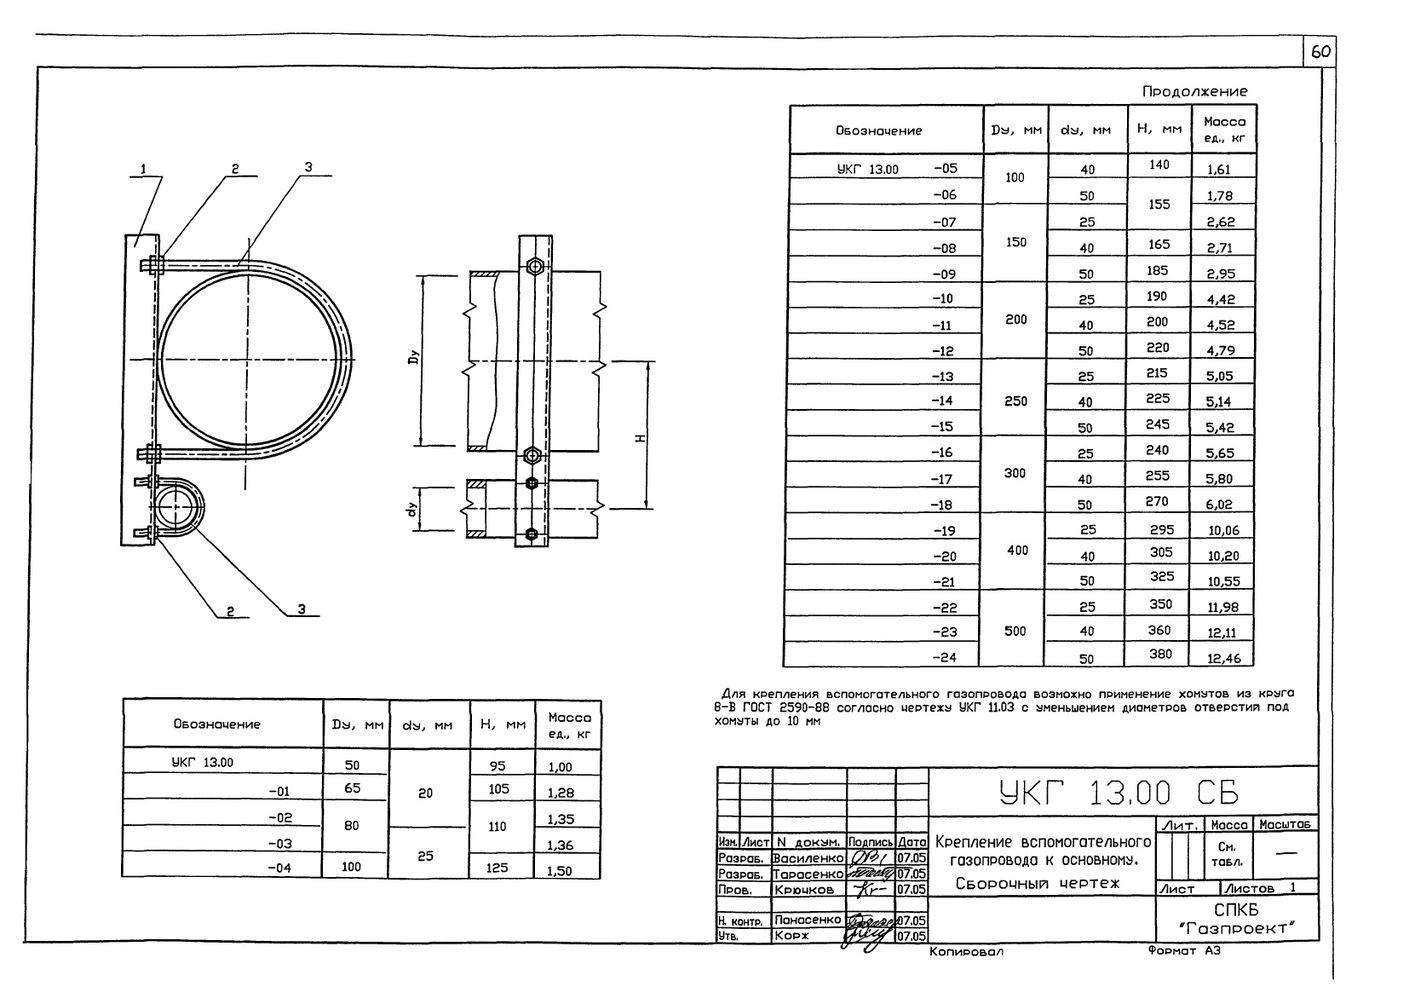 Крепление вспомогательного газопровода к основному УКГ 13.00 СБ серия 5.905-18.05 выпуск 1 стр.1